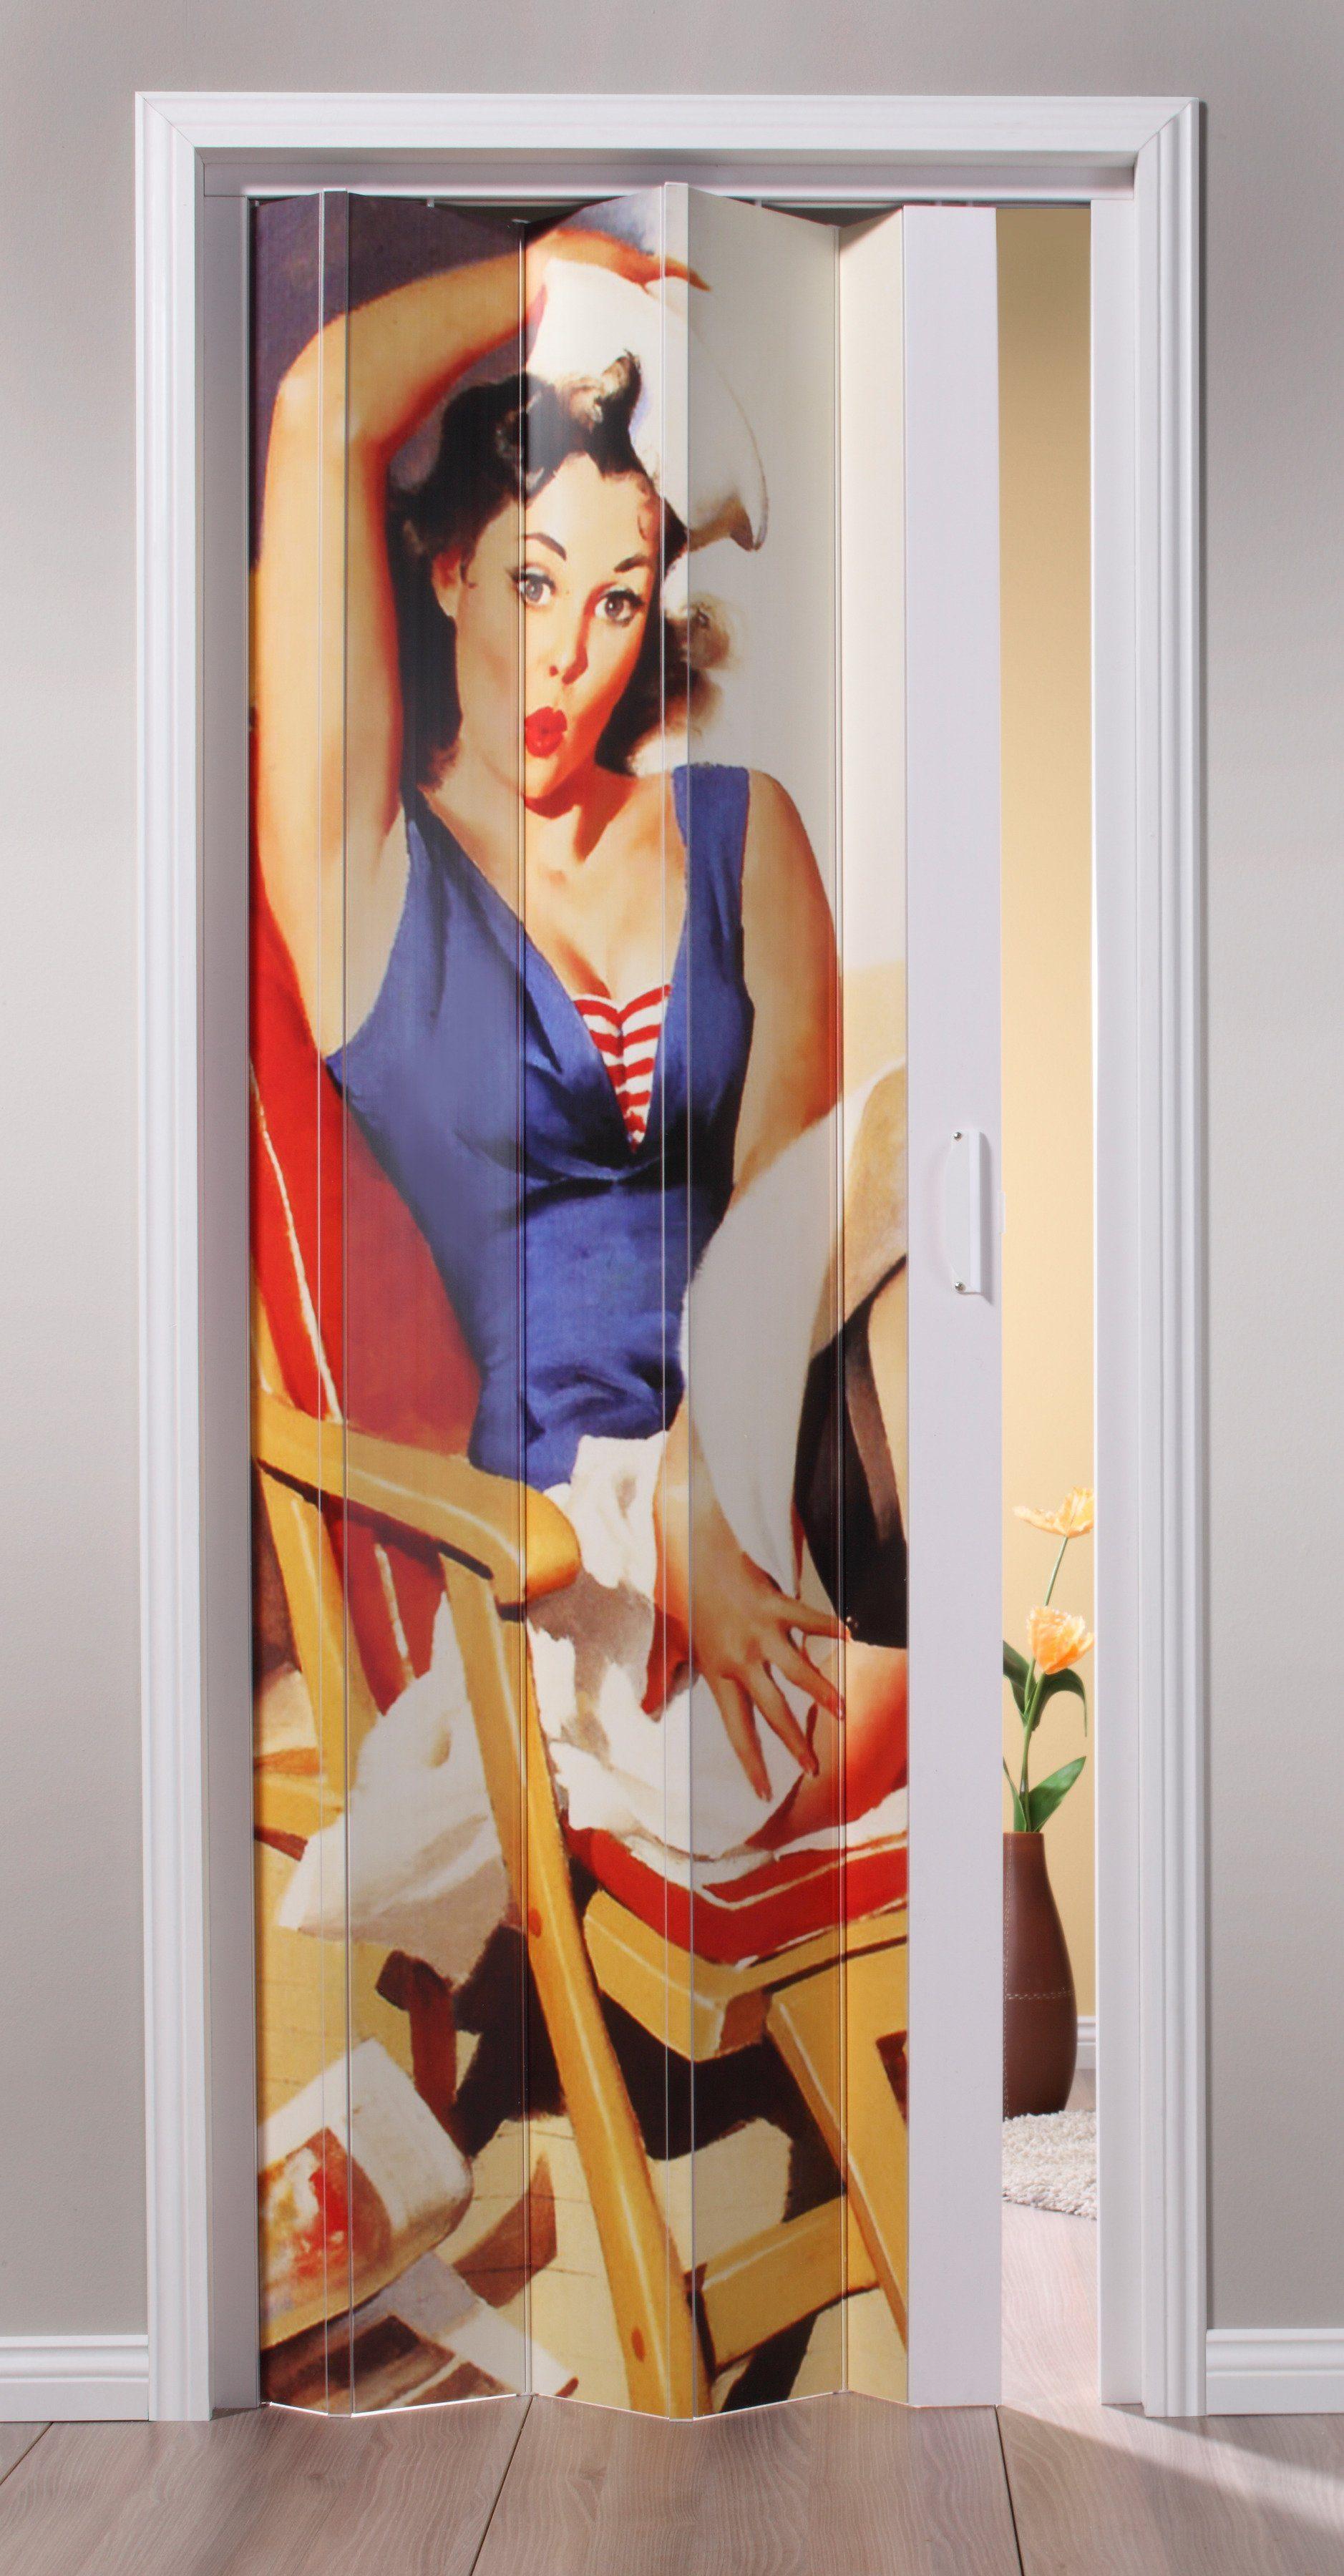 Kunststoff-Falttür »St. Tropez«, BxH: 88,5x202 cm, Weiß mit Motivdruck